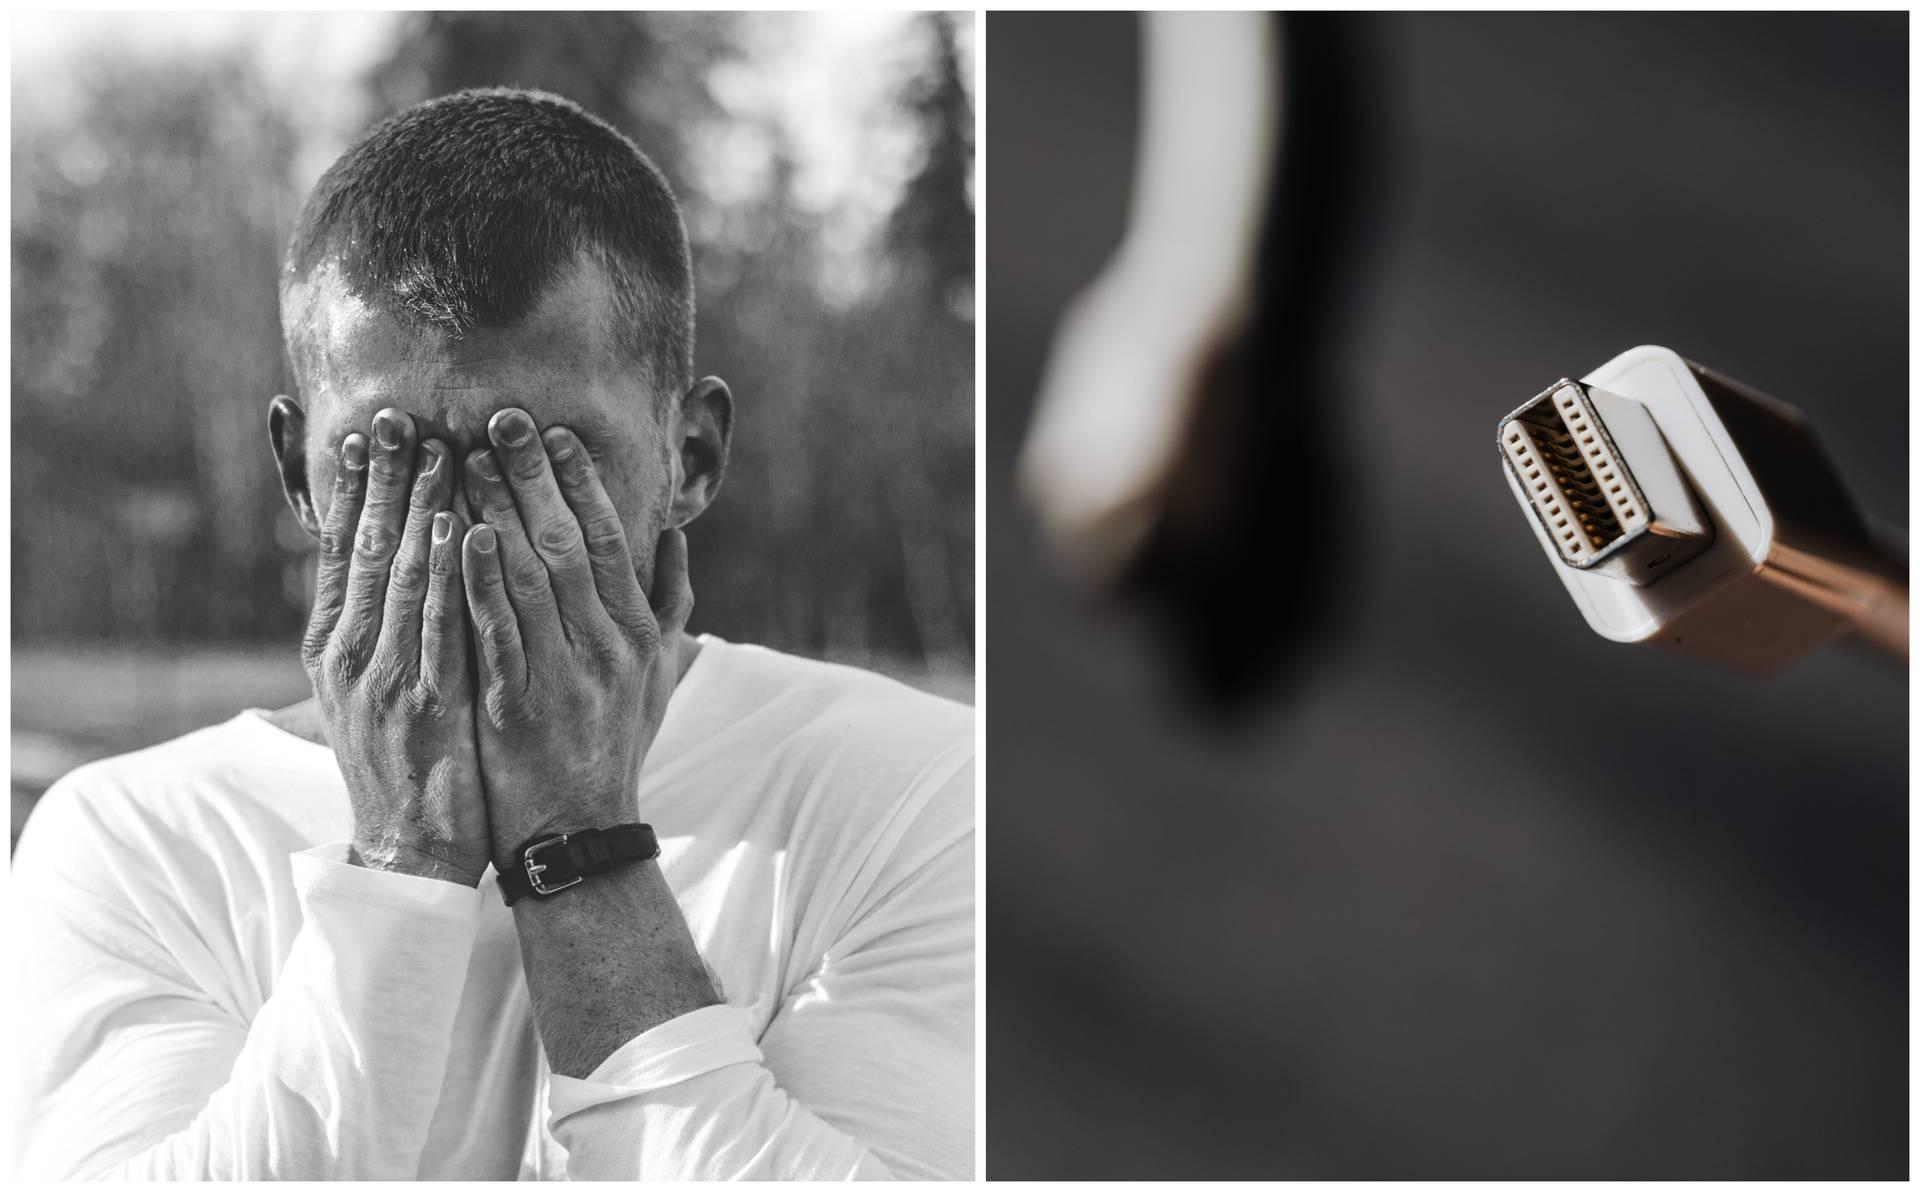 Muškarac gurnuo punjač za mobitel u genitalije